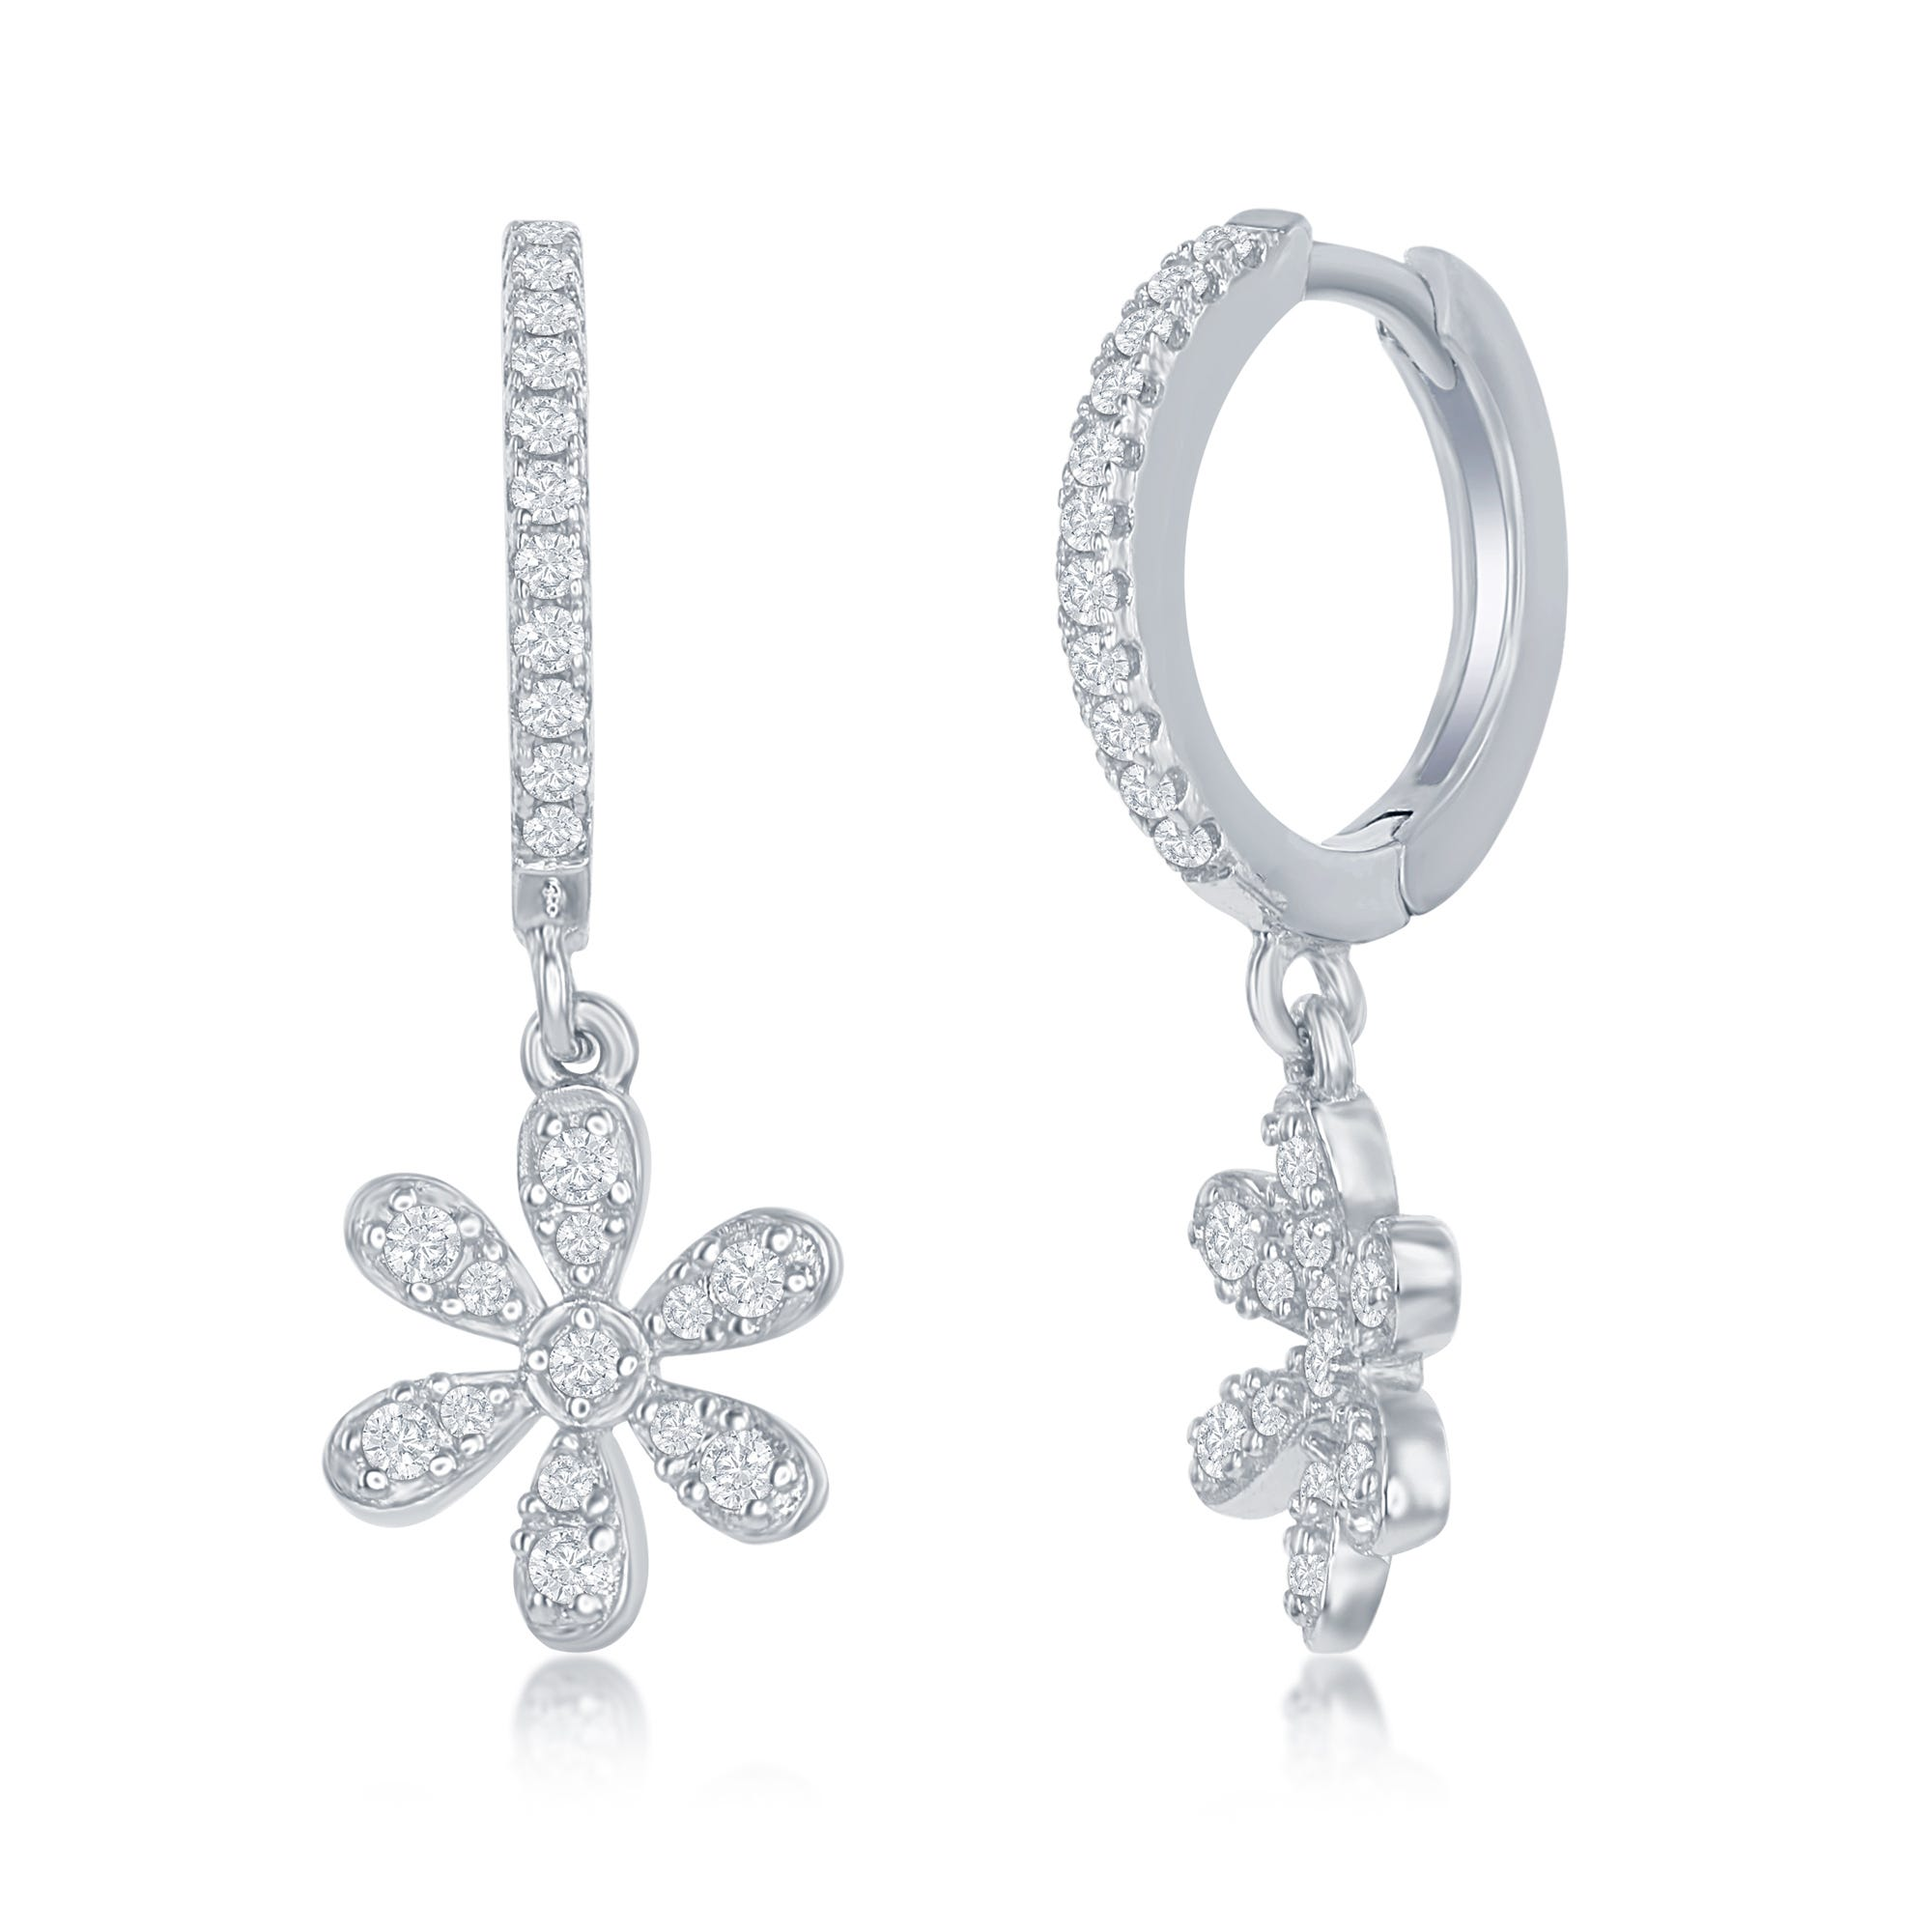 Flower CZ Dangle Hoop Earrings in Sterling Silver